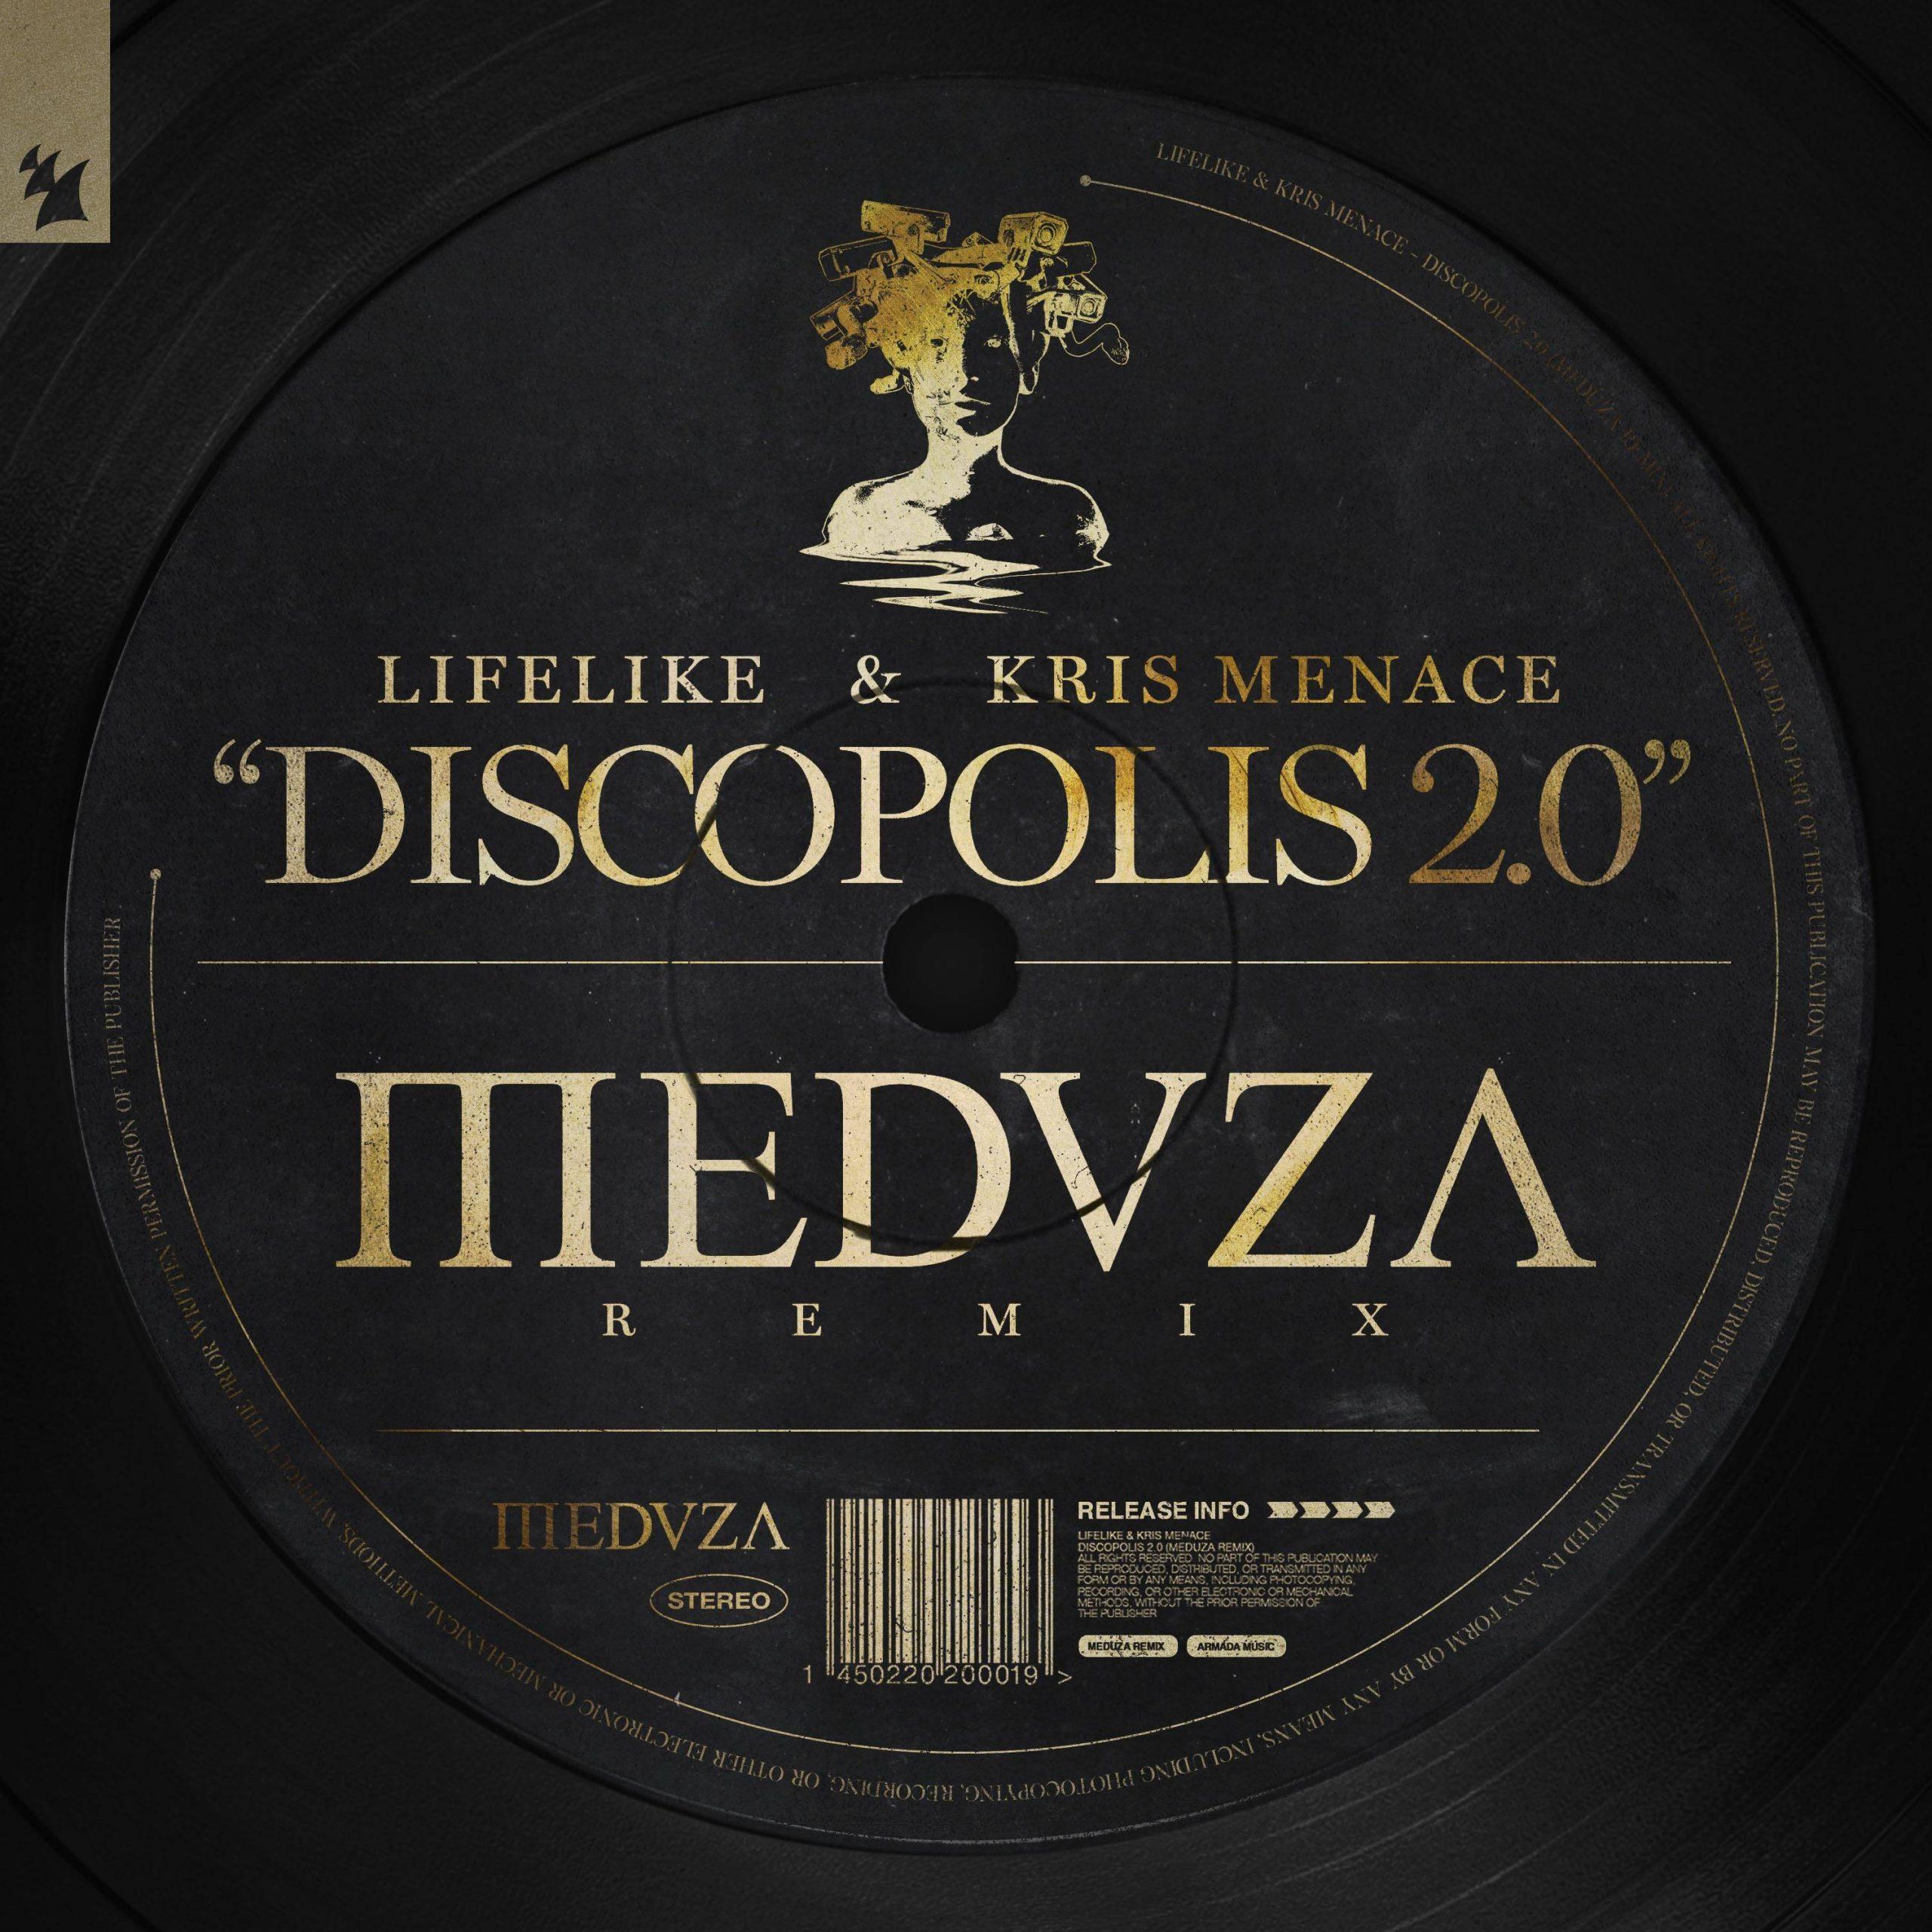 MEDUZA Lifelike & Kris Menace 'Discopolis 2.0'